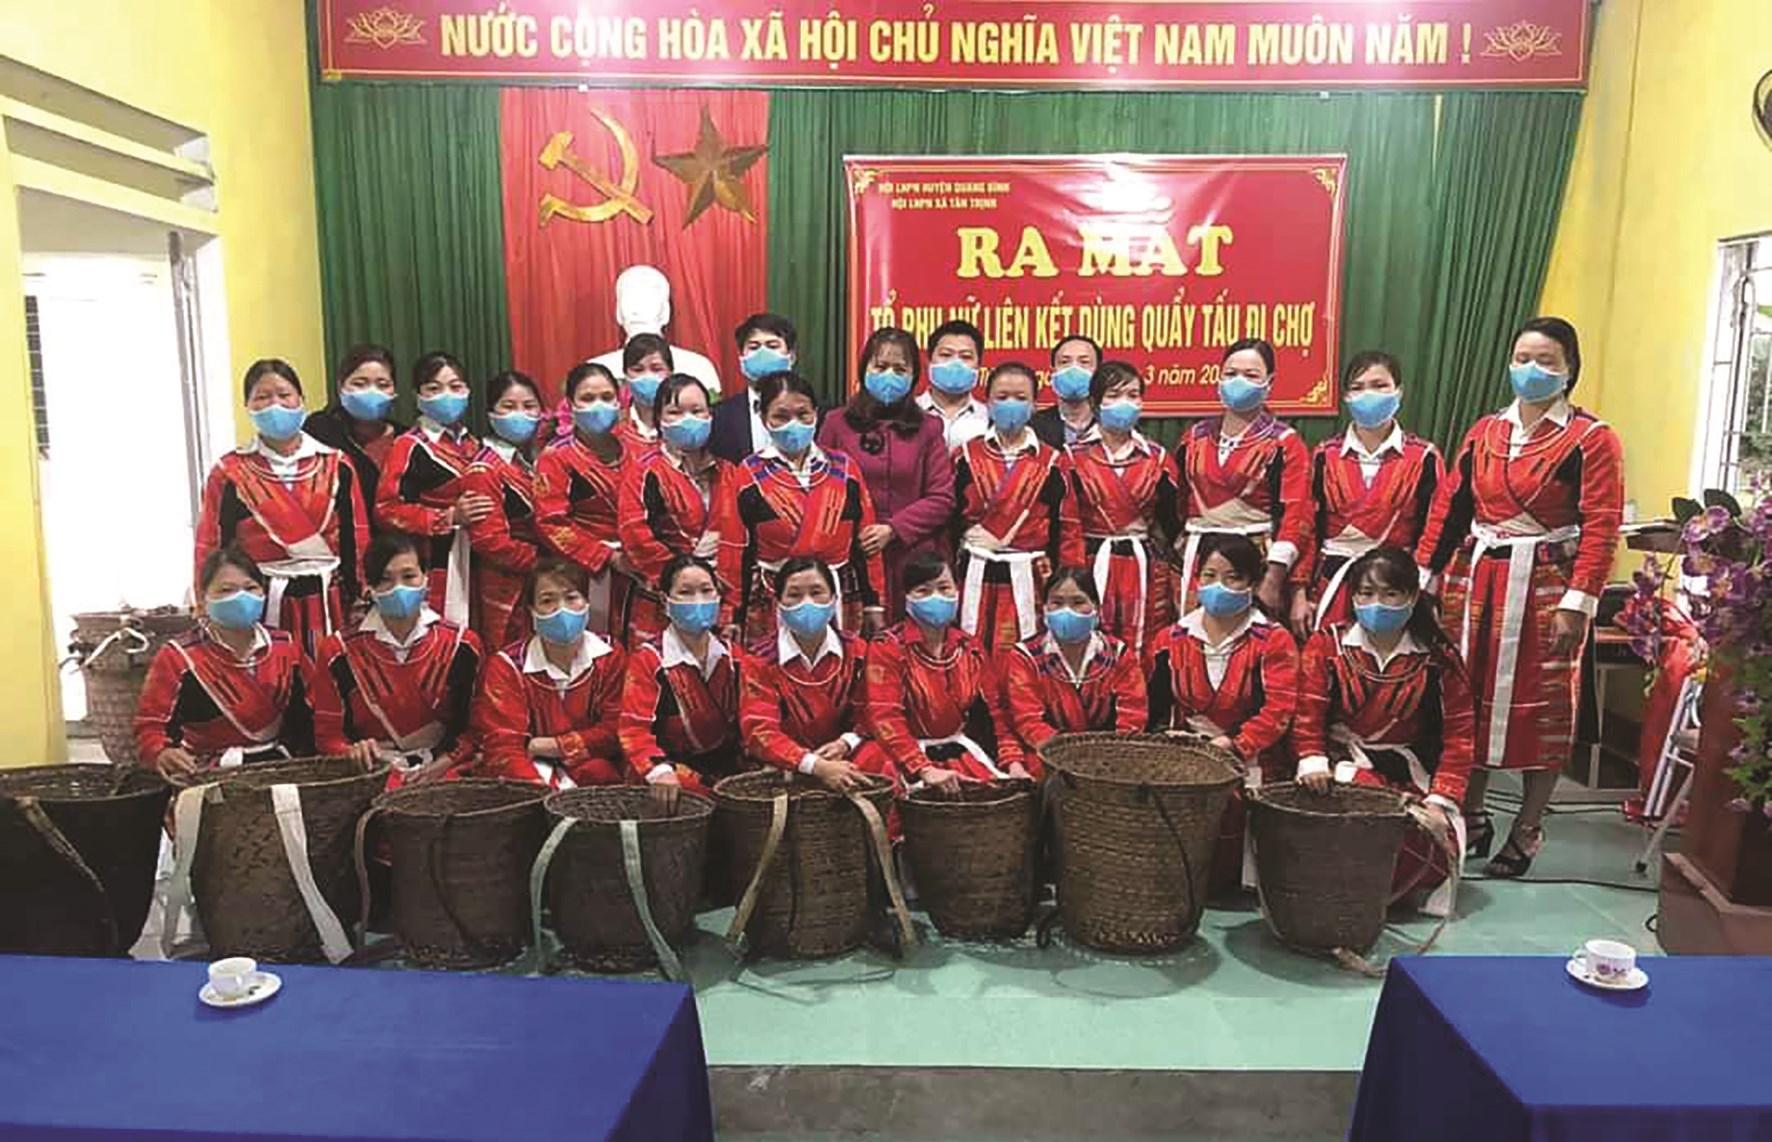 Lễ ra mắt mô hình Tổ Phụ nữ liên kết dùng quẩy tấu đi chợ tại thôn Tả Ngảo, xã Tân Trịnh, huyện Quang Bình, tỉnh Hà Giang (Ảnh tư liệu)